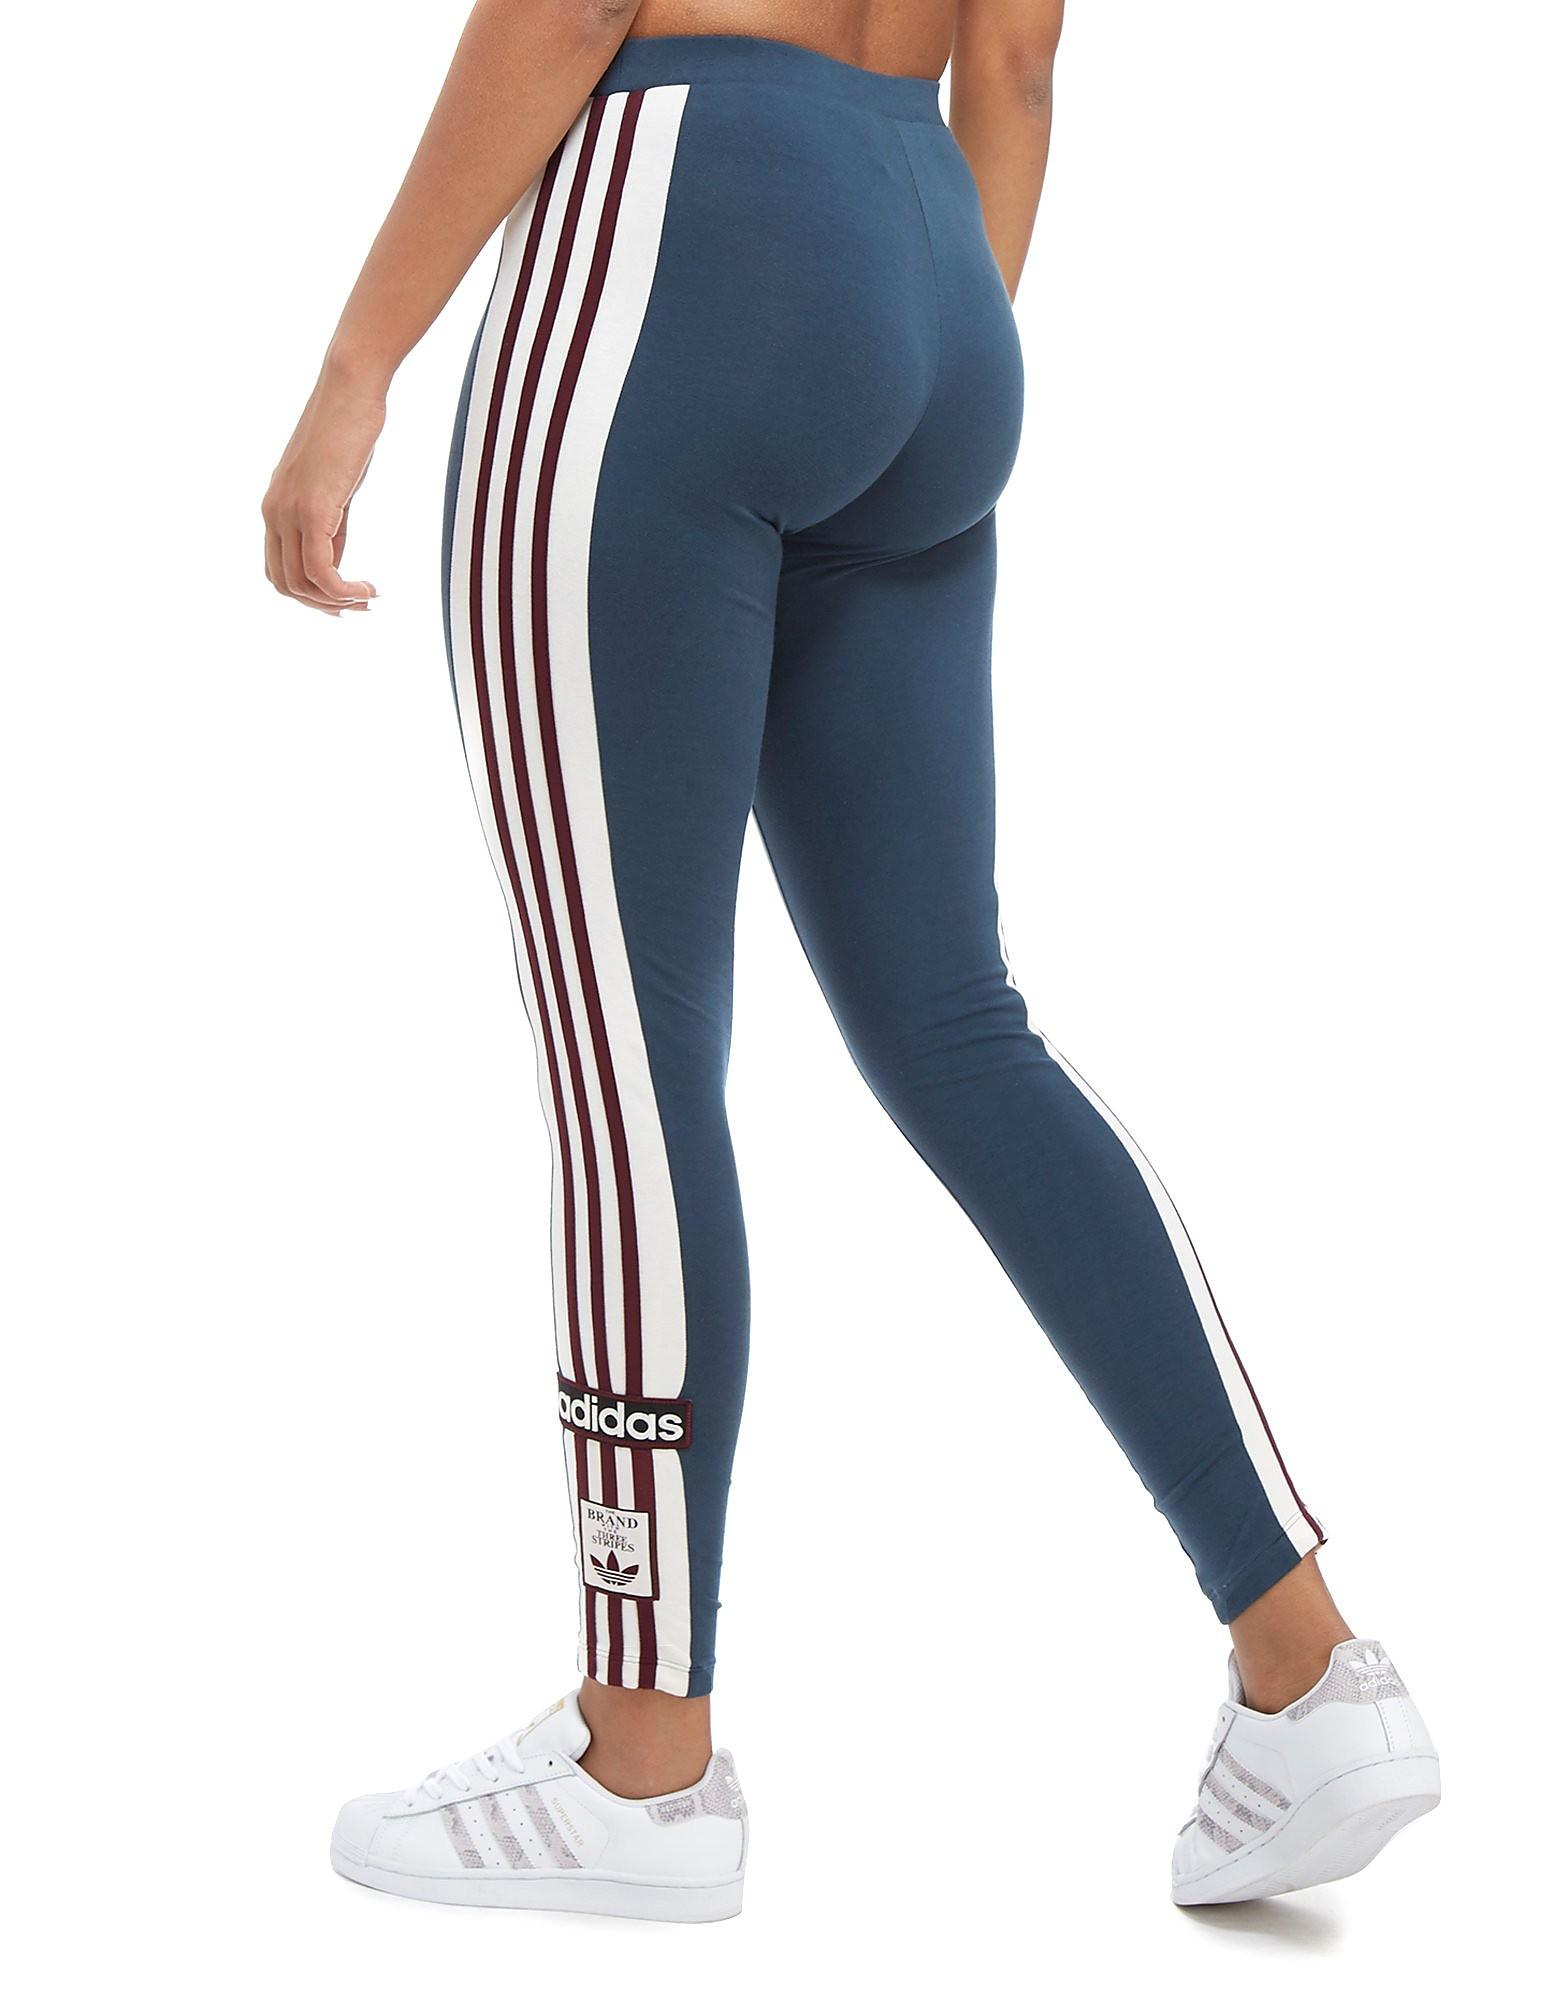 adidas Originals Adibreak Leggings